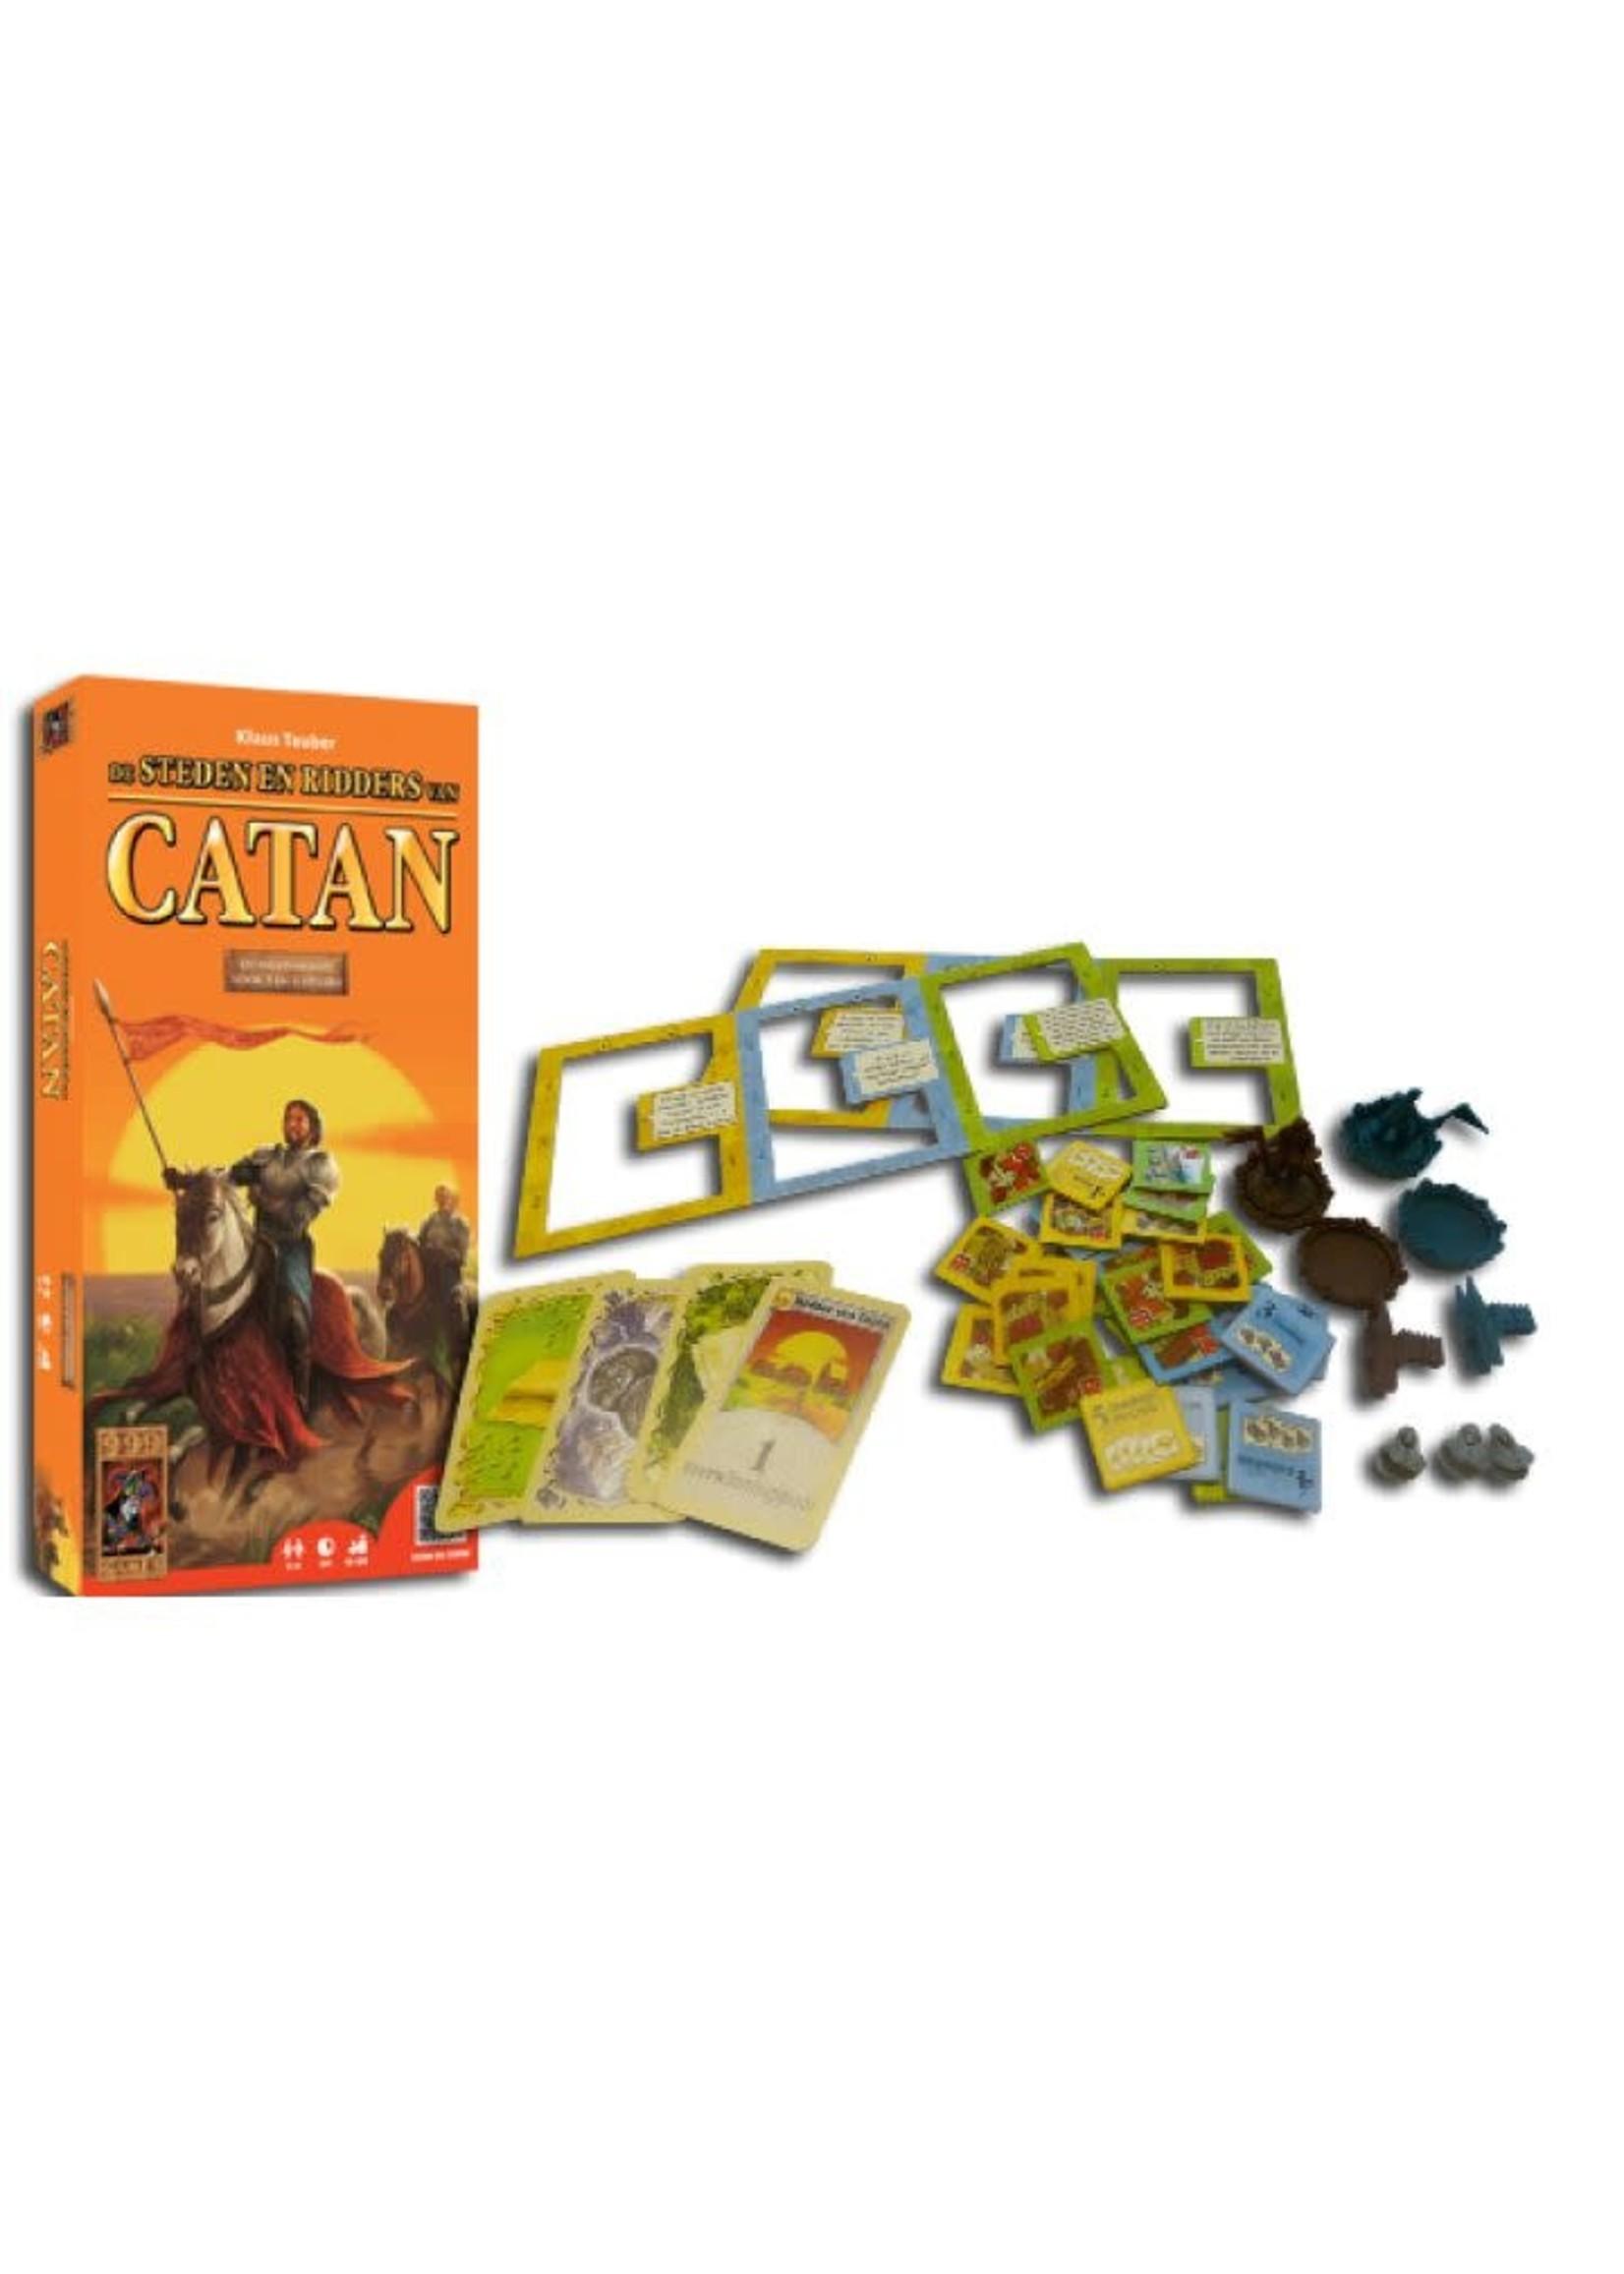 Kolonisten Van Catan: Steden & Ridders (Uitbreiding 5-6 Spelers)